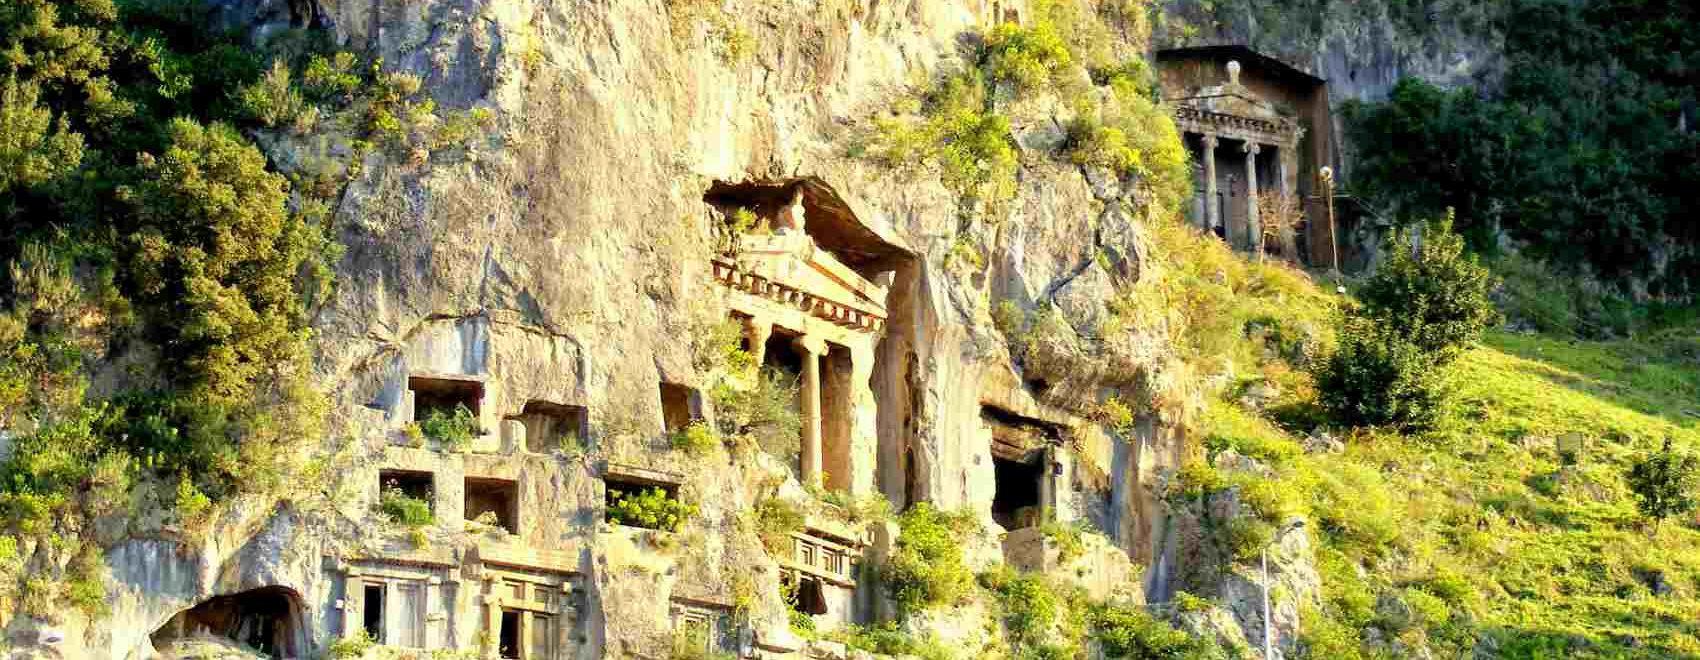 Fethiye Lycian Rock Tombs, Turkey